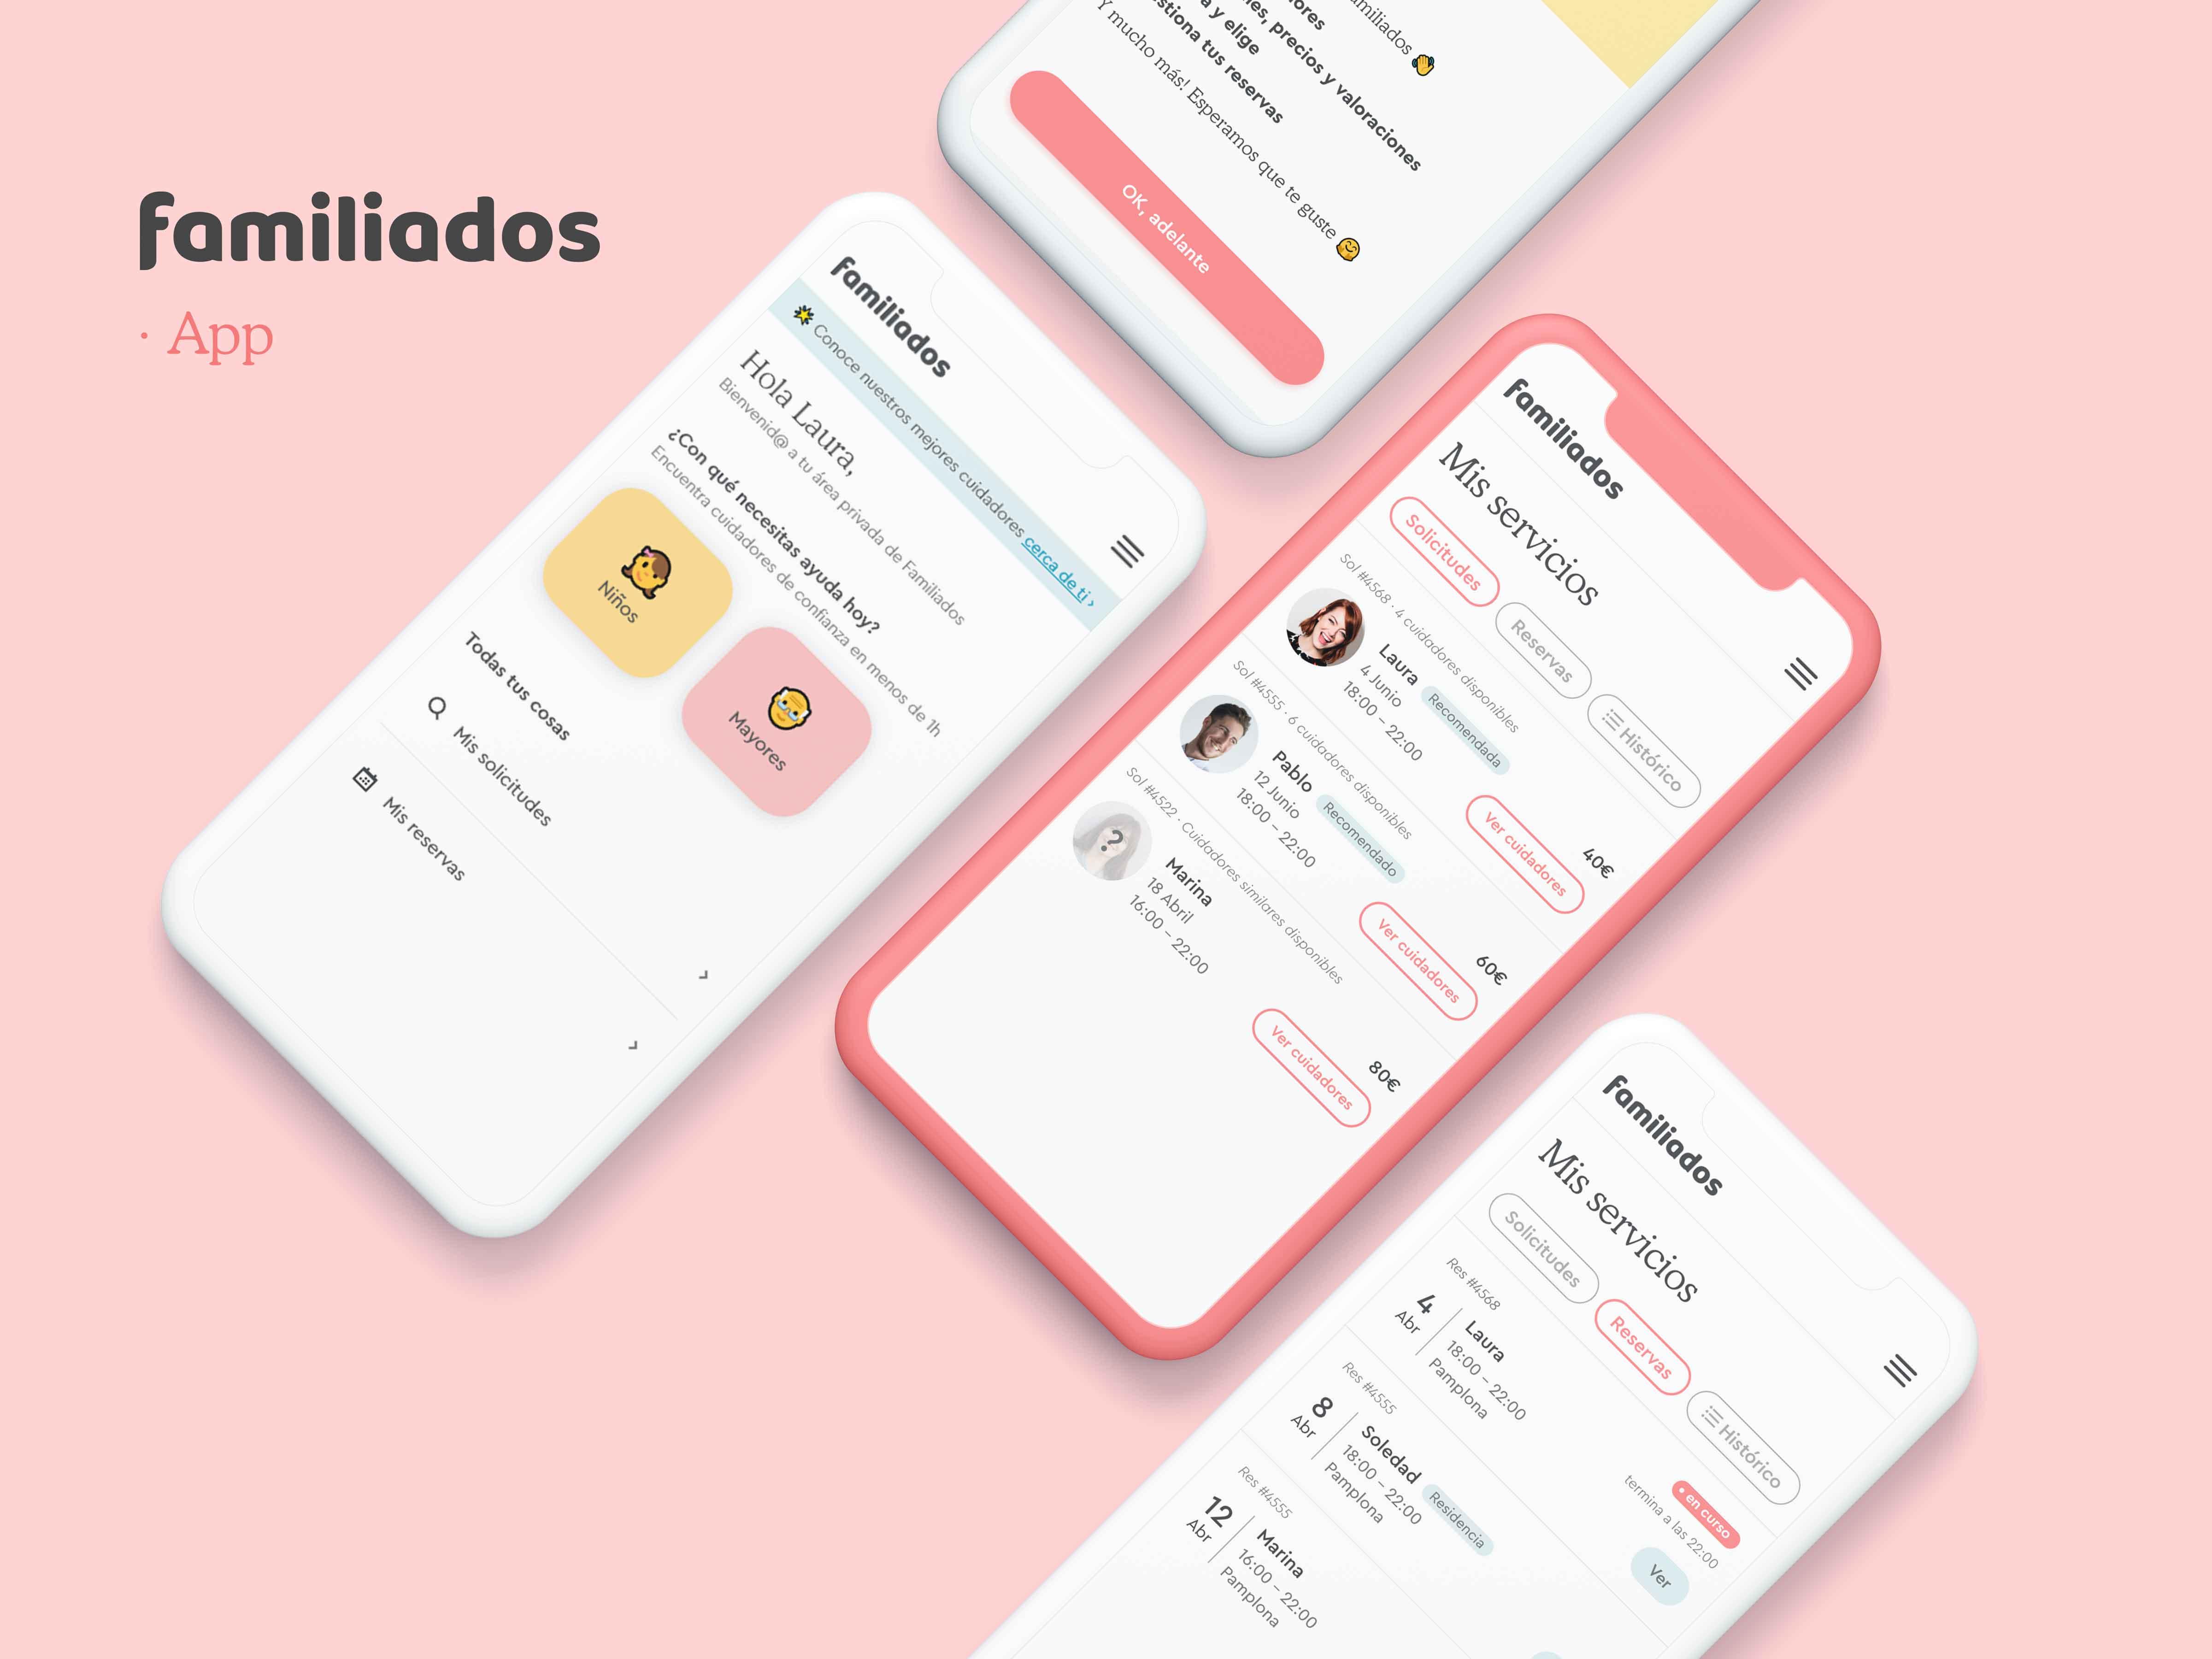 Familiados App | Entrevista App Marketing News. Hablamos con Ernesto Bravo